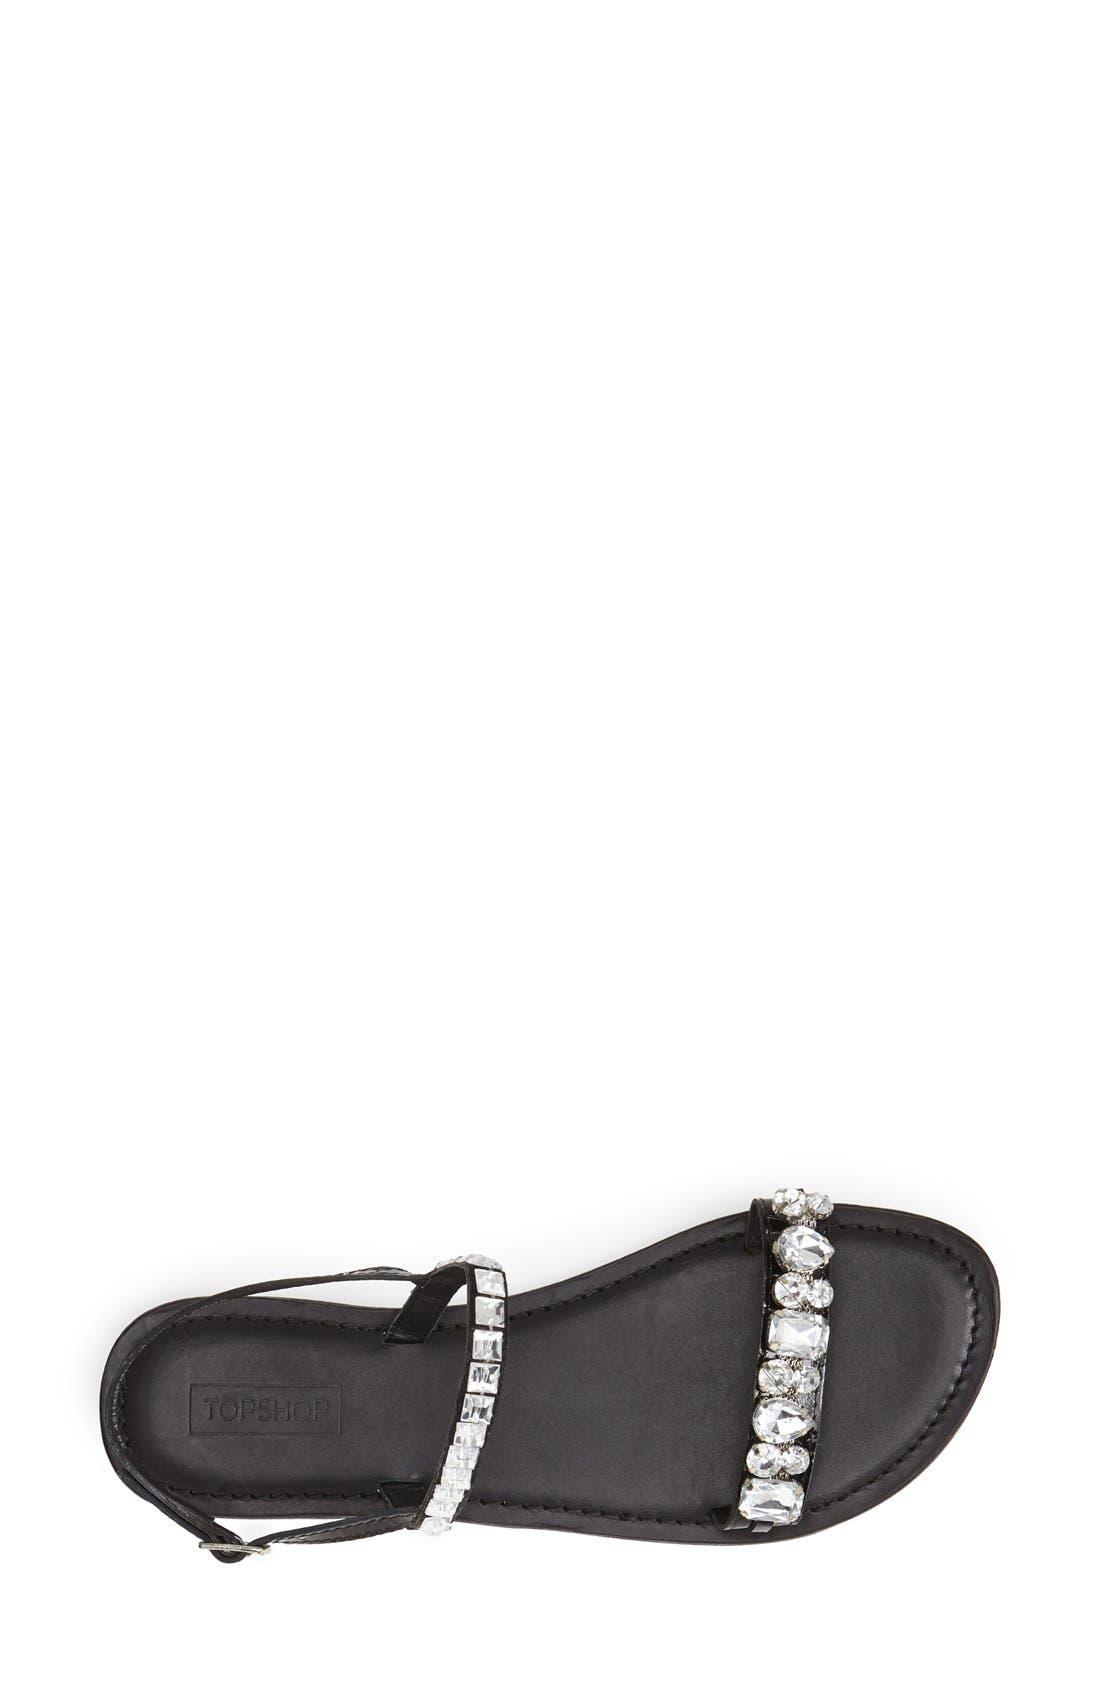 Alternate Image 3  - Topshop 'Harn' Embellished Sandal (Women)